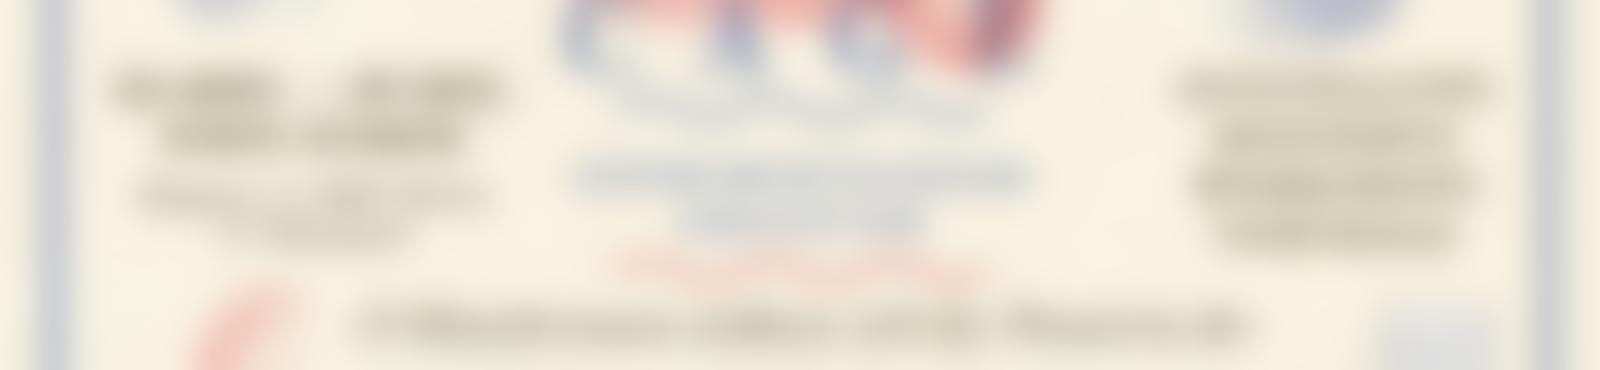 Blurred bfa60bf6 3151 4095 a3f8 db2cfb8ad67f